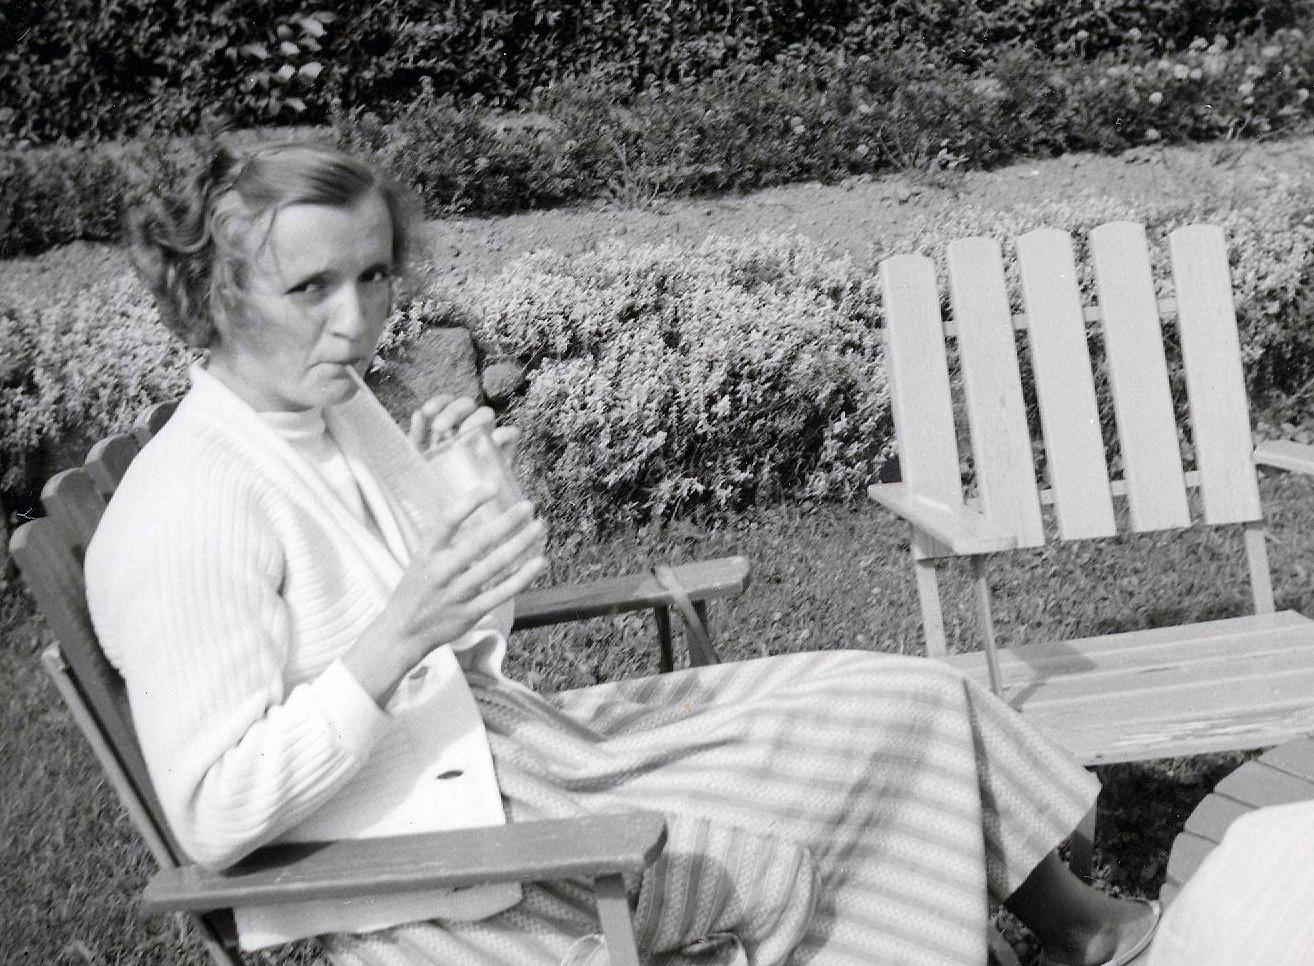 Mamma dricker saft 1959